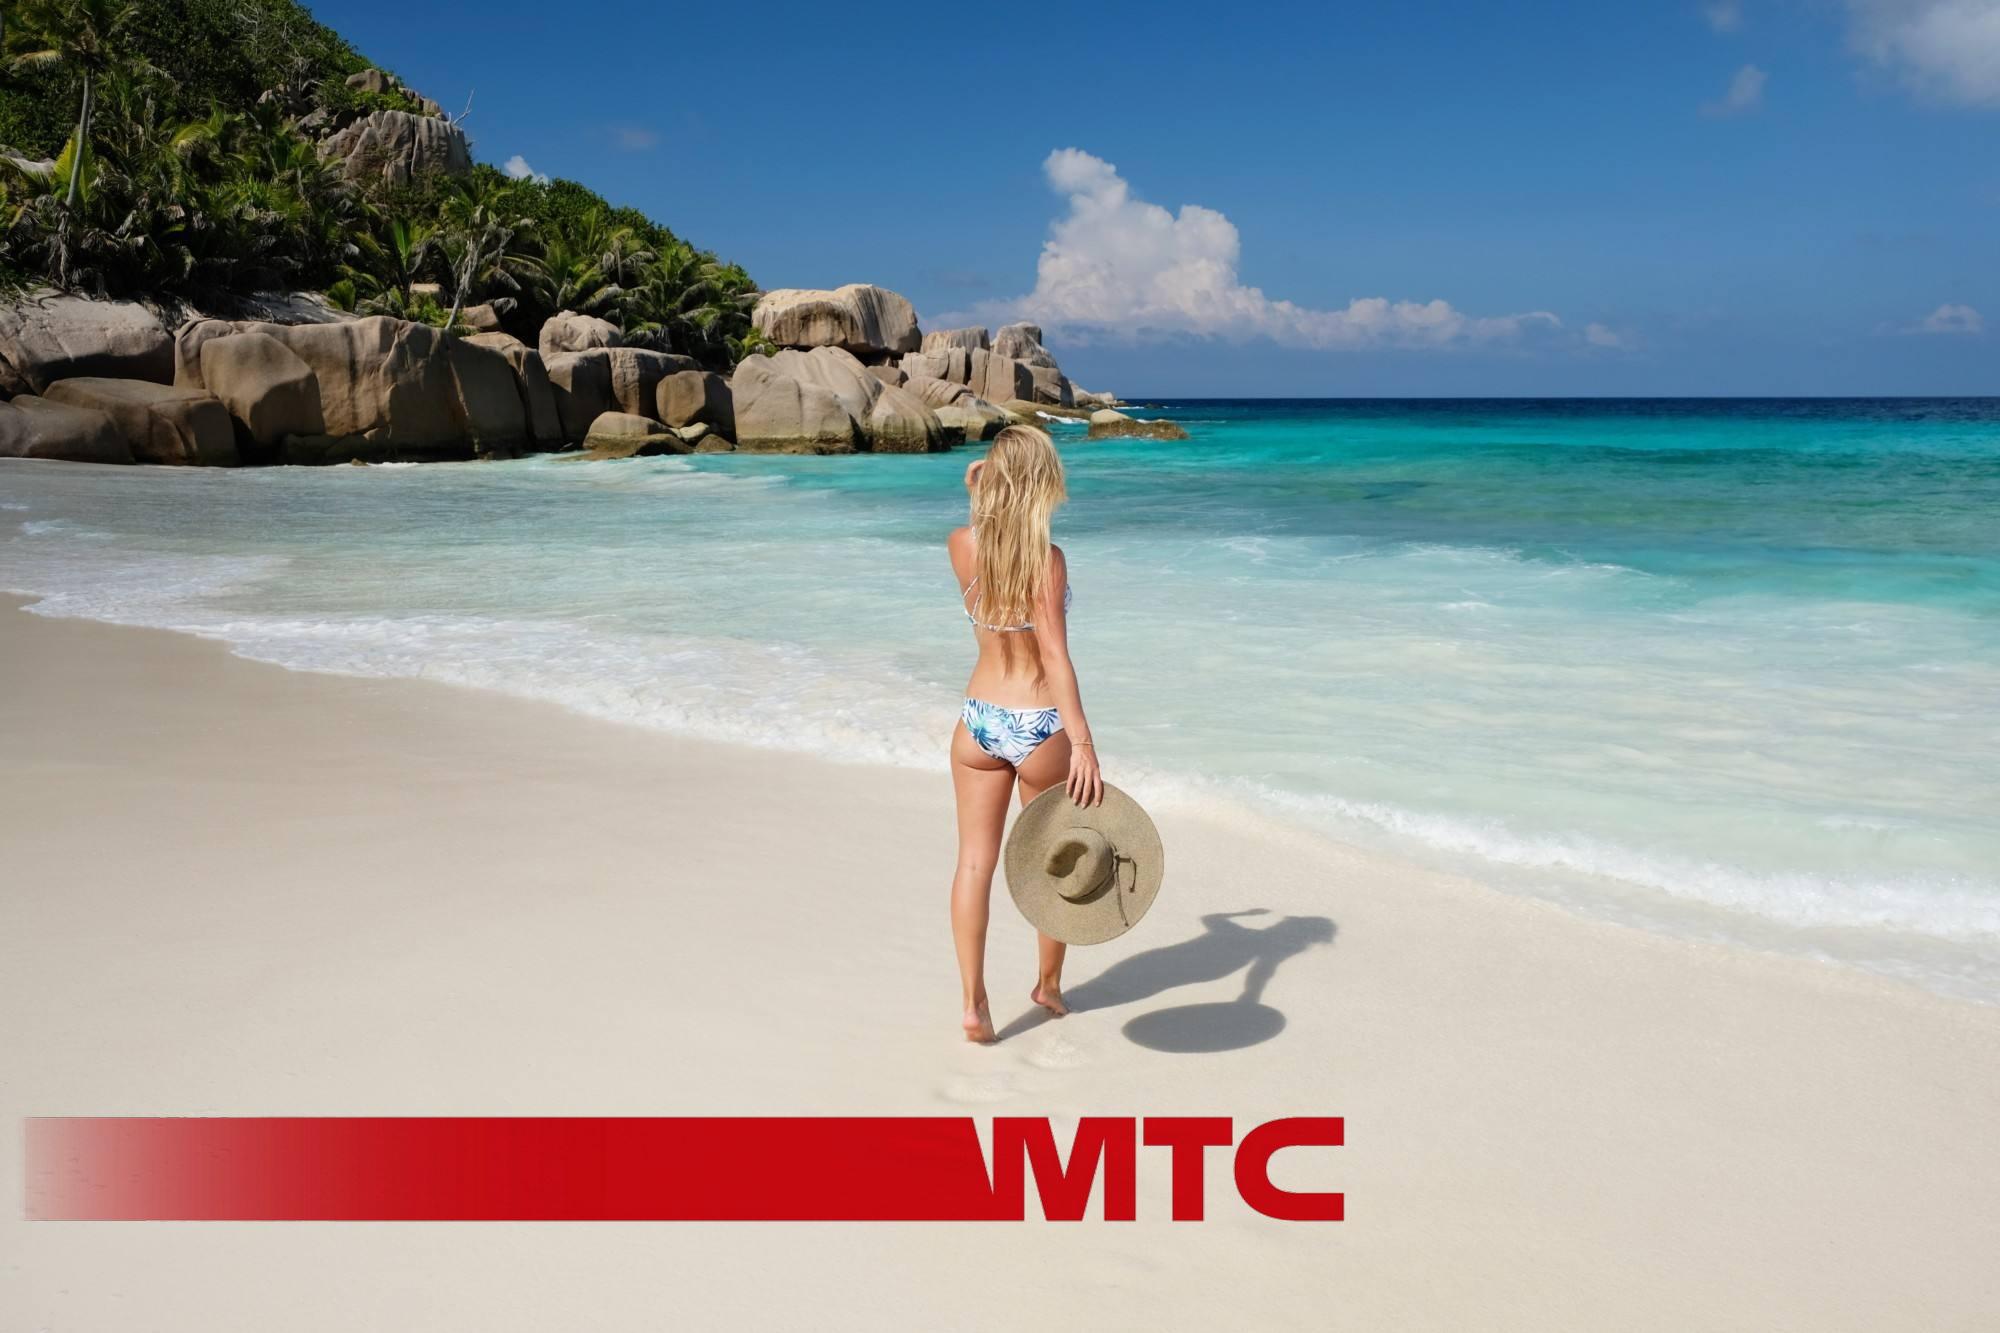 МТС предлагает 5 дней отдыха на Сейшелах на скорости до 128 кб/с за 8000 рублей 1